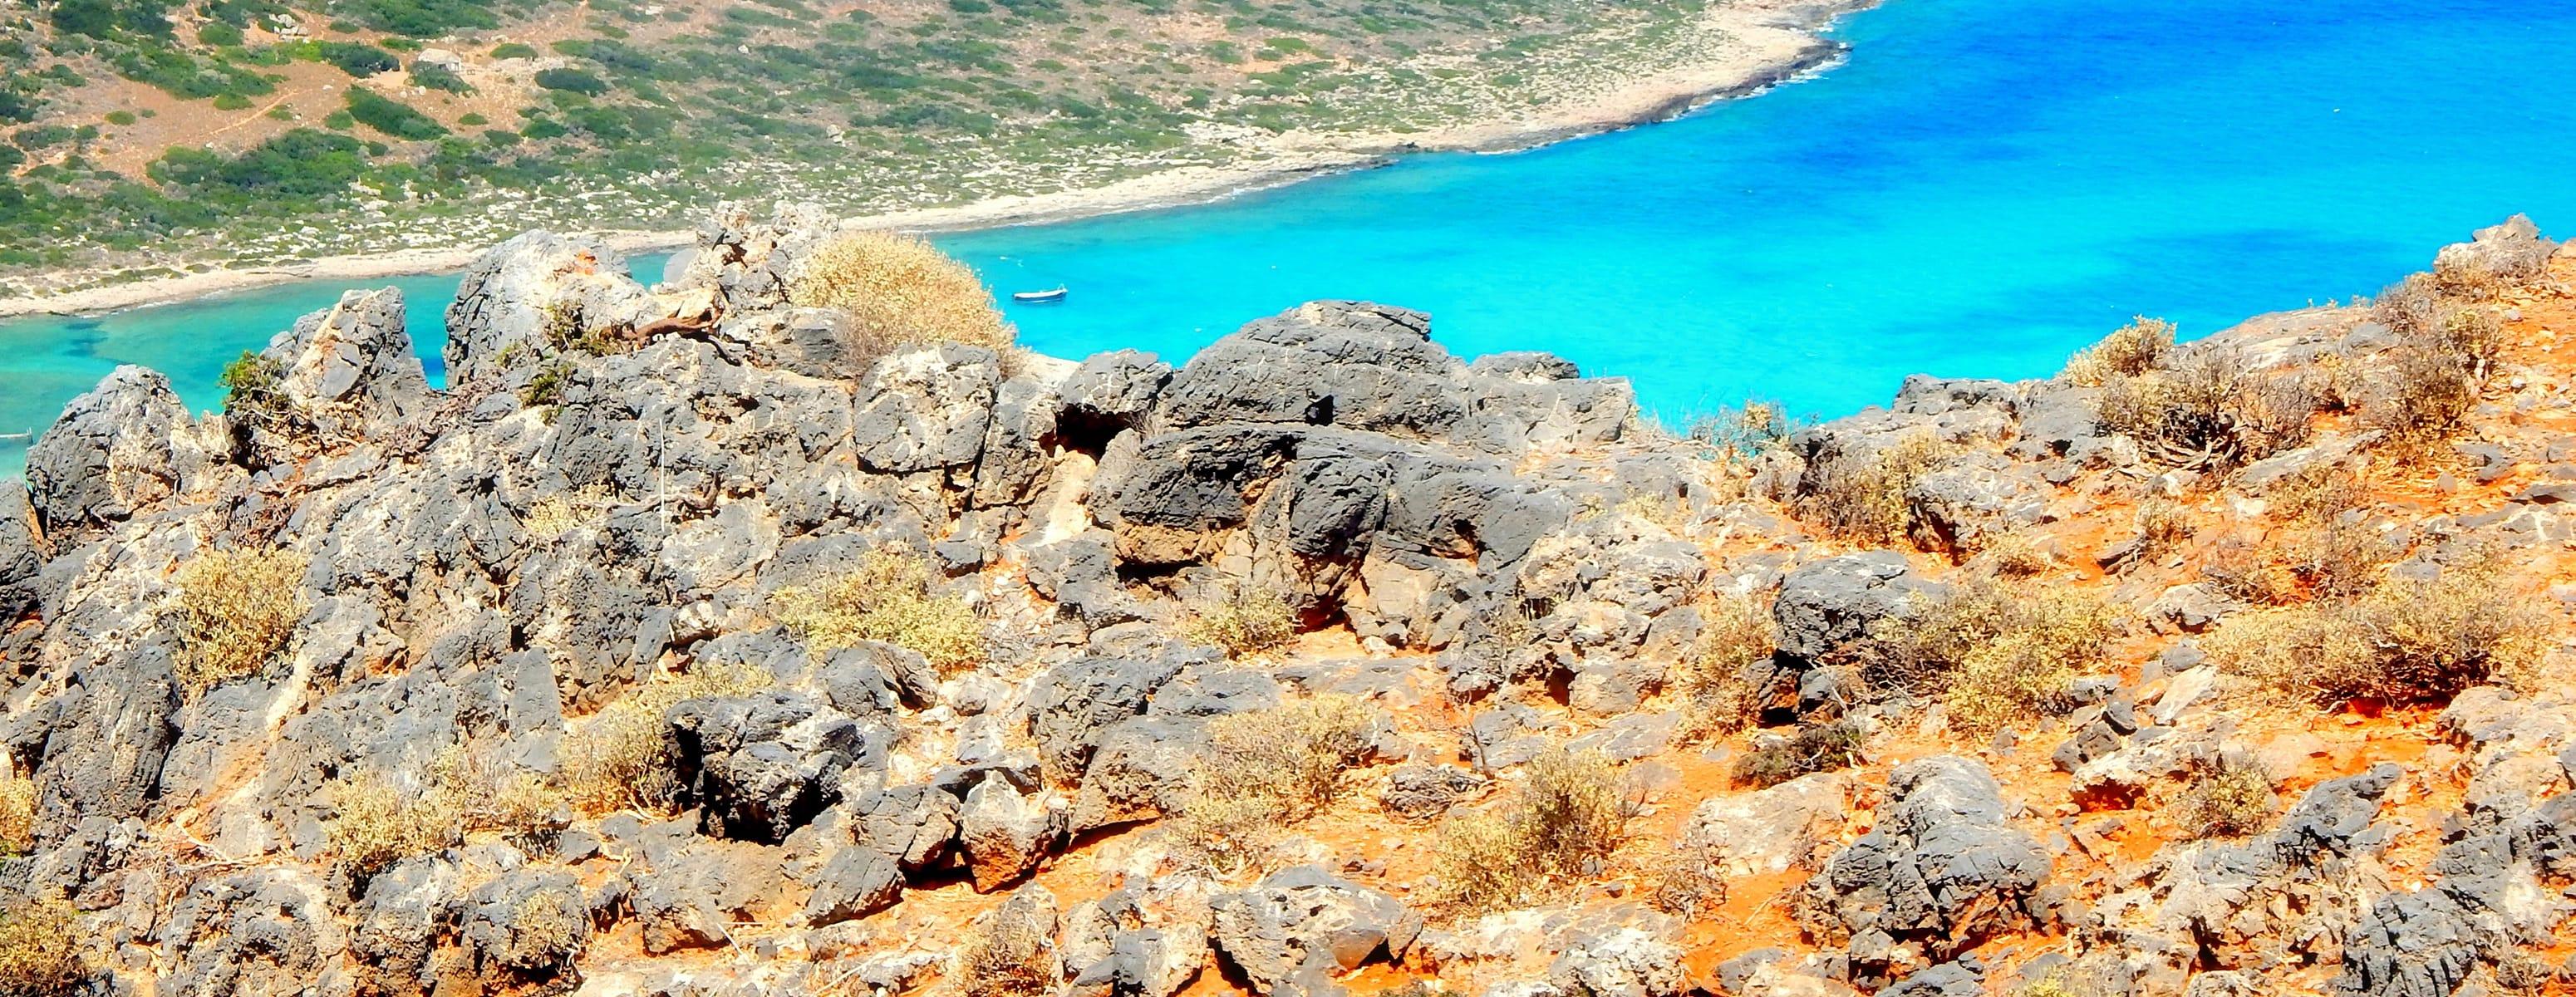 Creta 2018 (con foto): I 20 luoghi migliori in cui alloggiare a ...